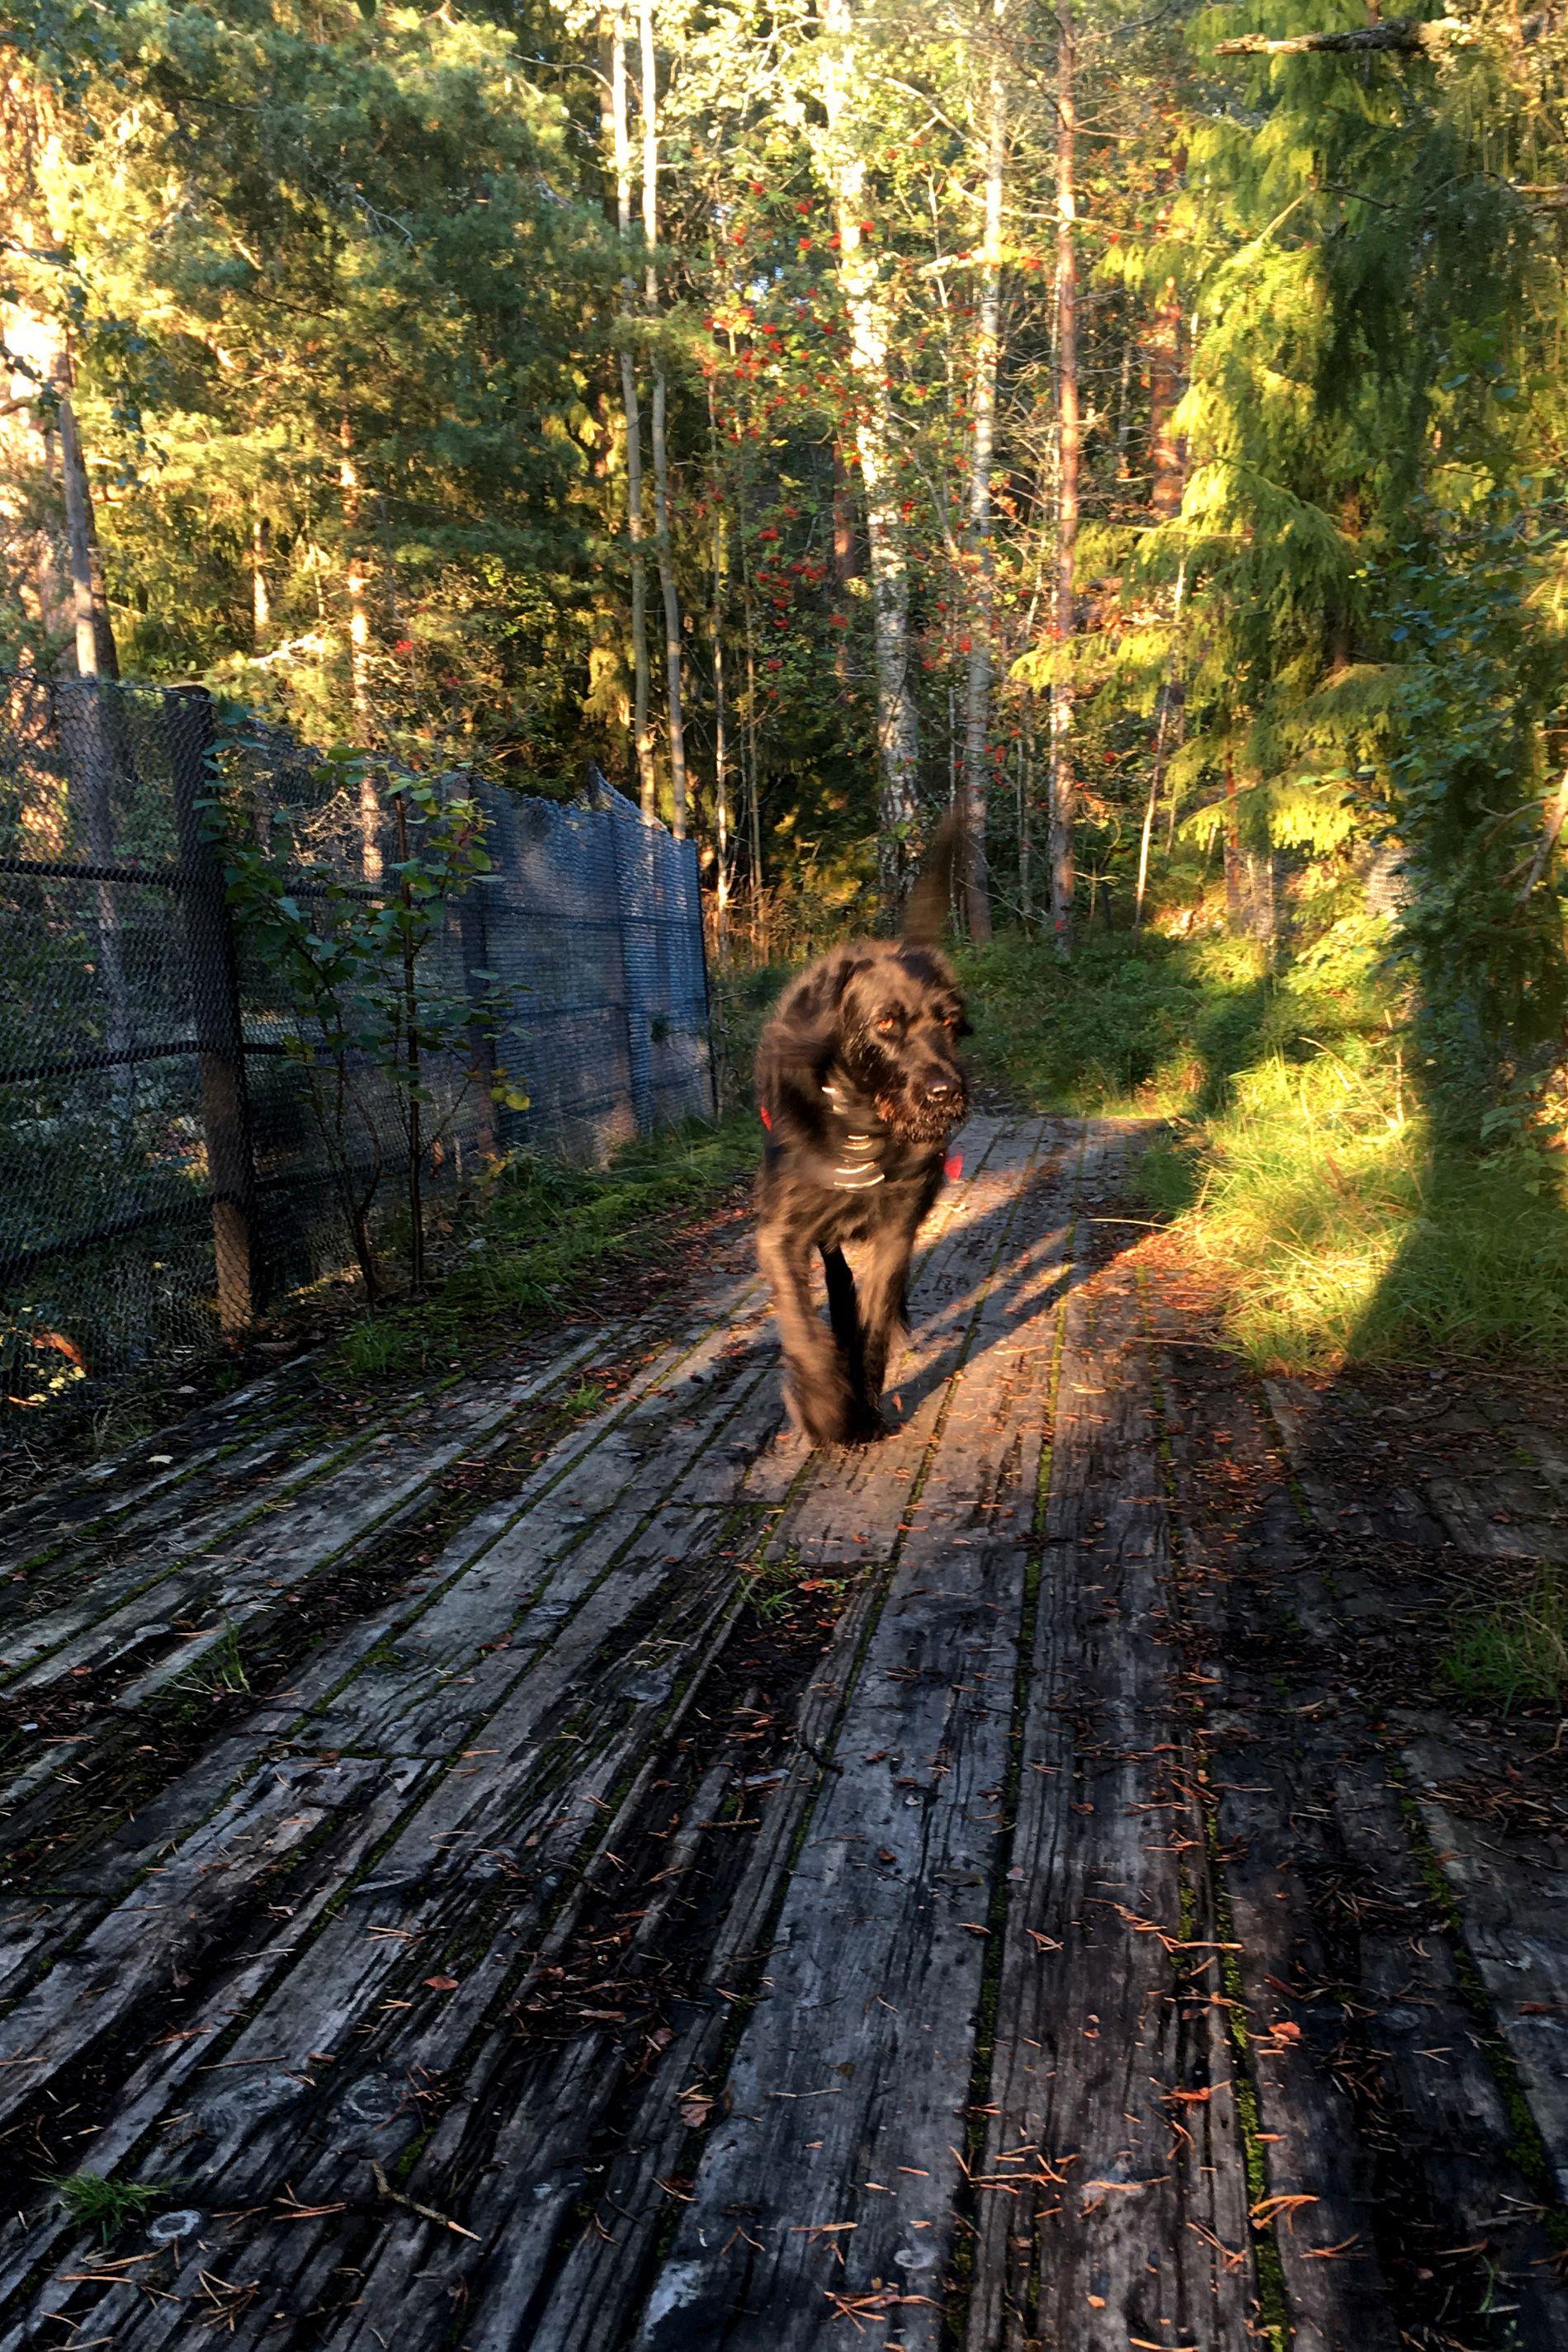 Mange hundeeiere er bekymret over sykdommen som nå har rammet mange hunder rundt om i landet. Illustrasjonsfoto: Cornelius Poppe / NTB scanpix